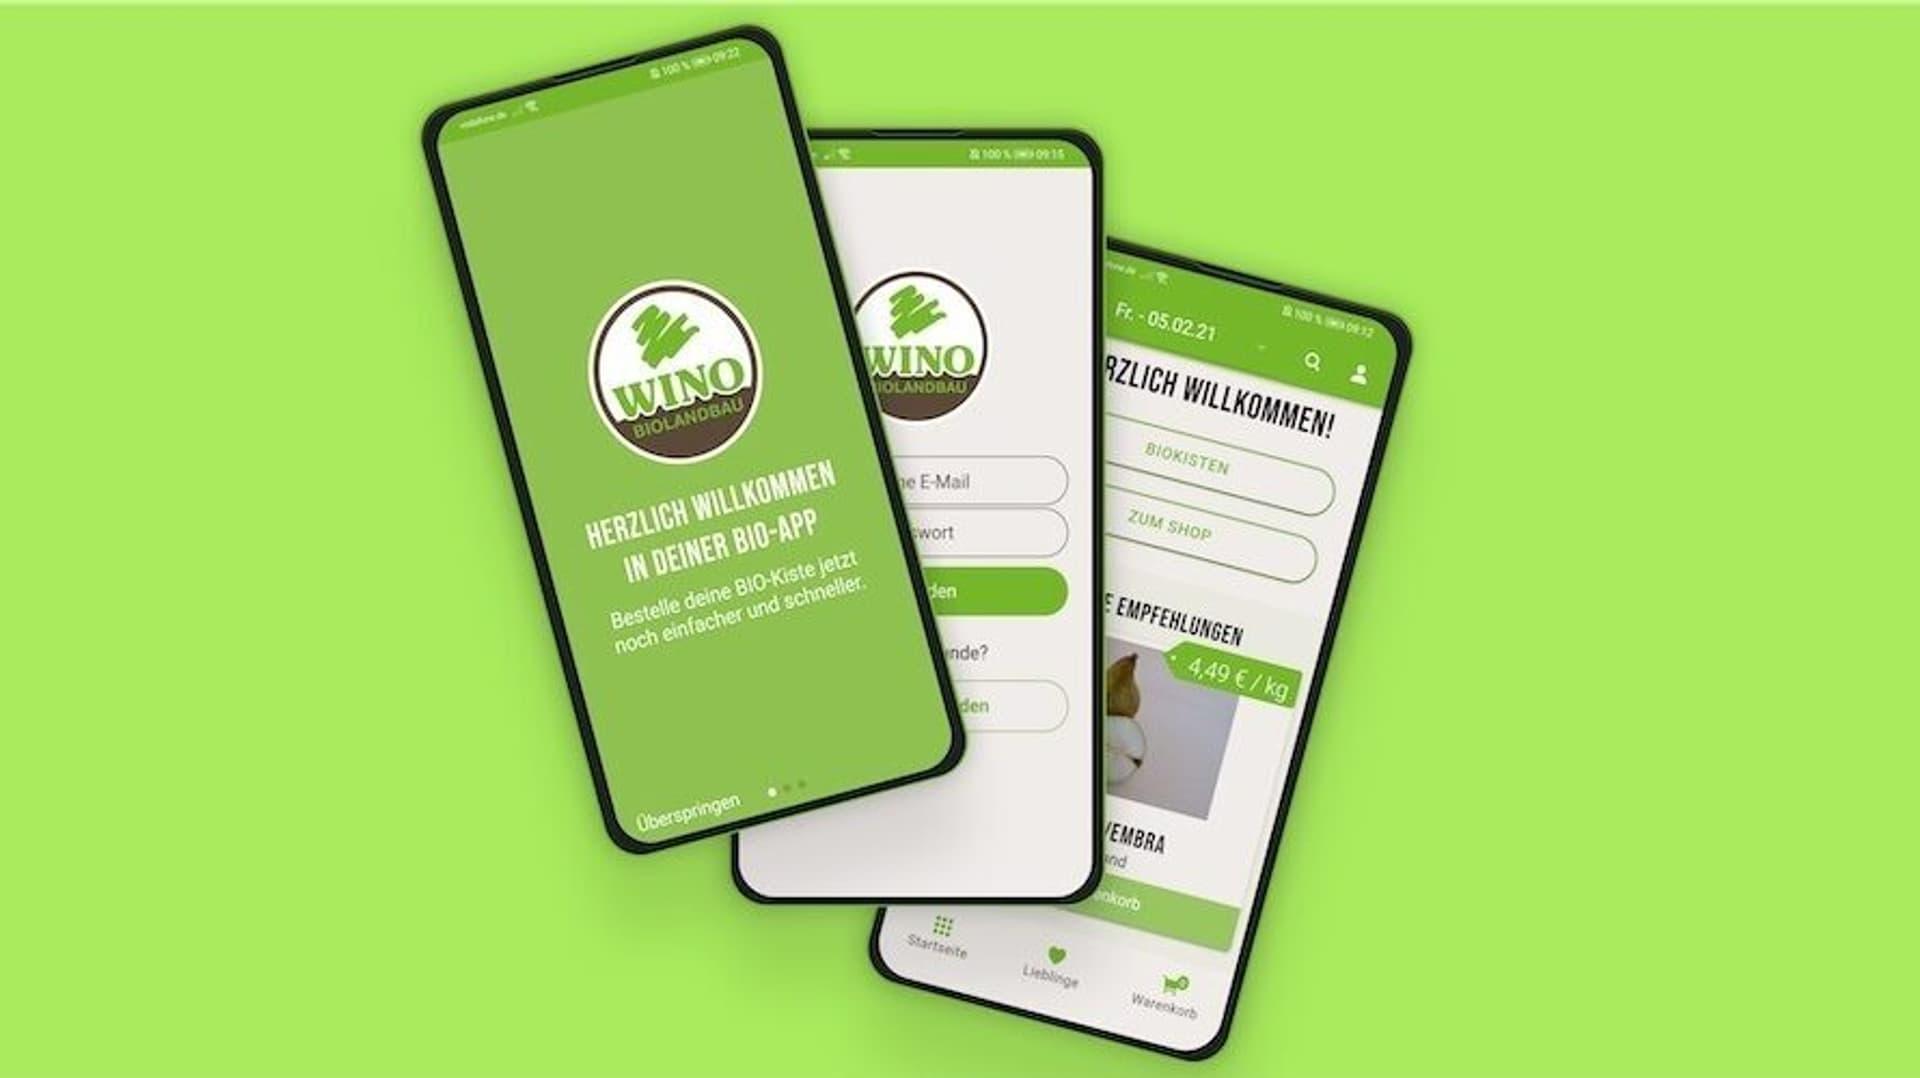 Smartphones, die die Wino App zeigen